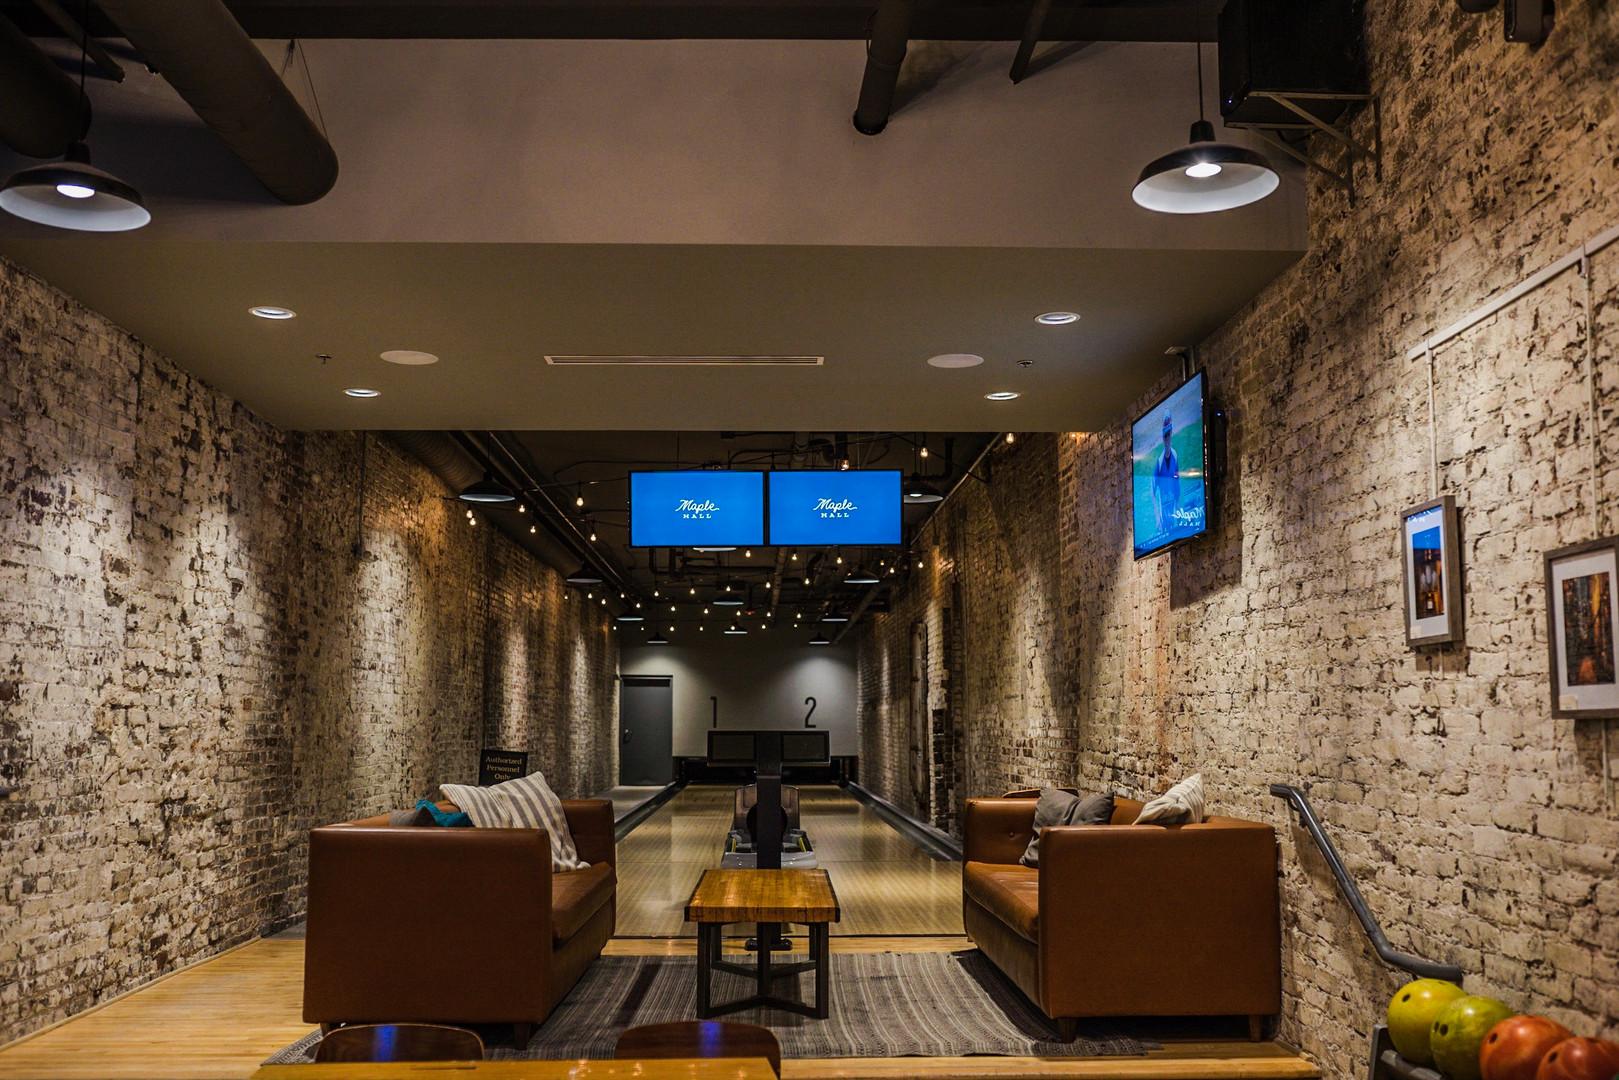 2 Lane Room & Lounge